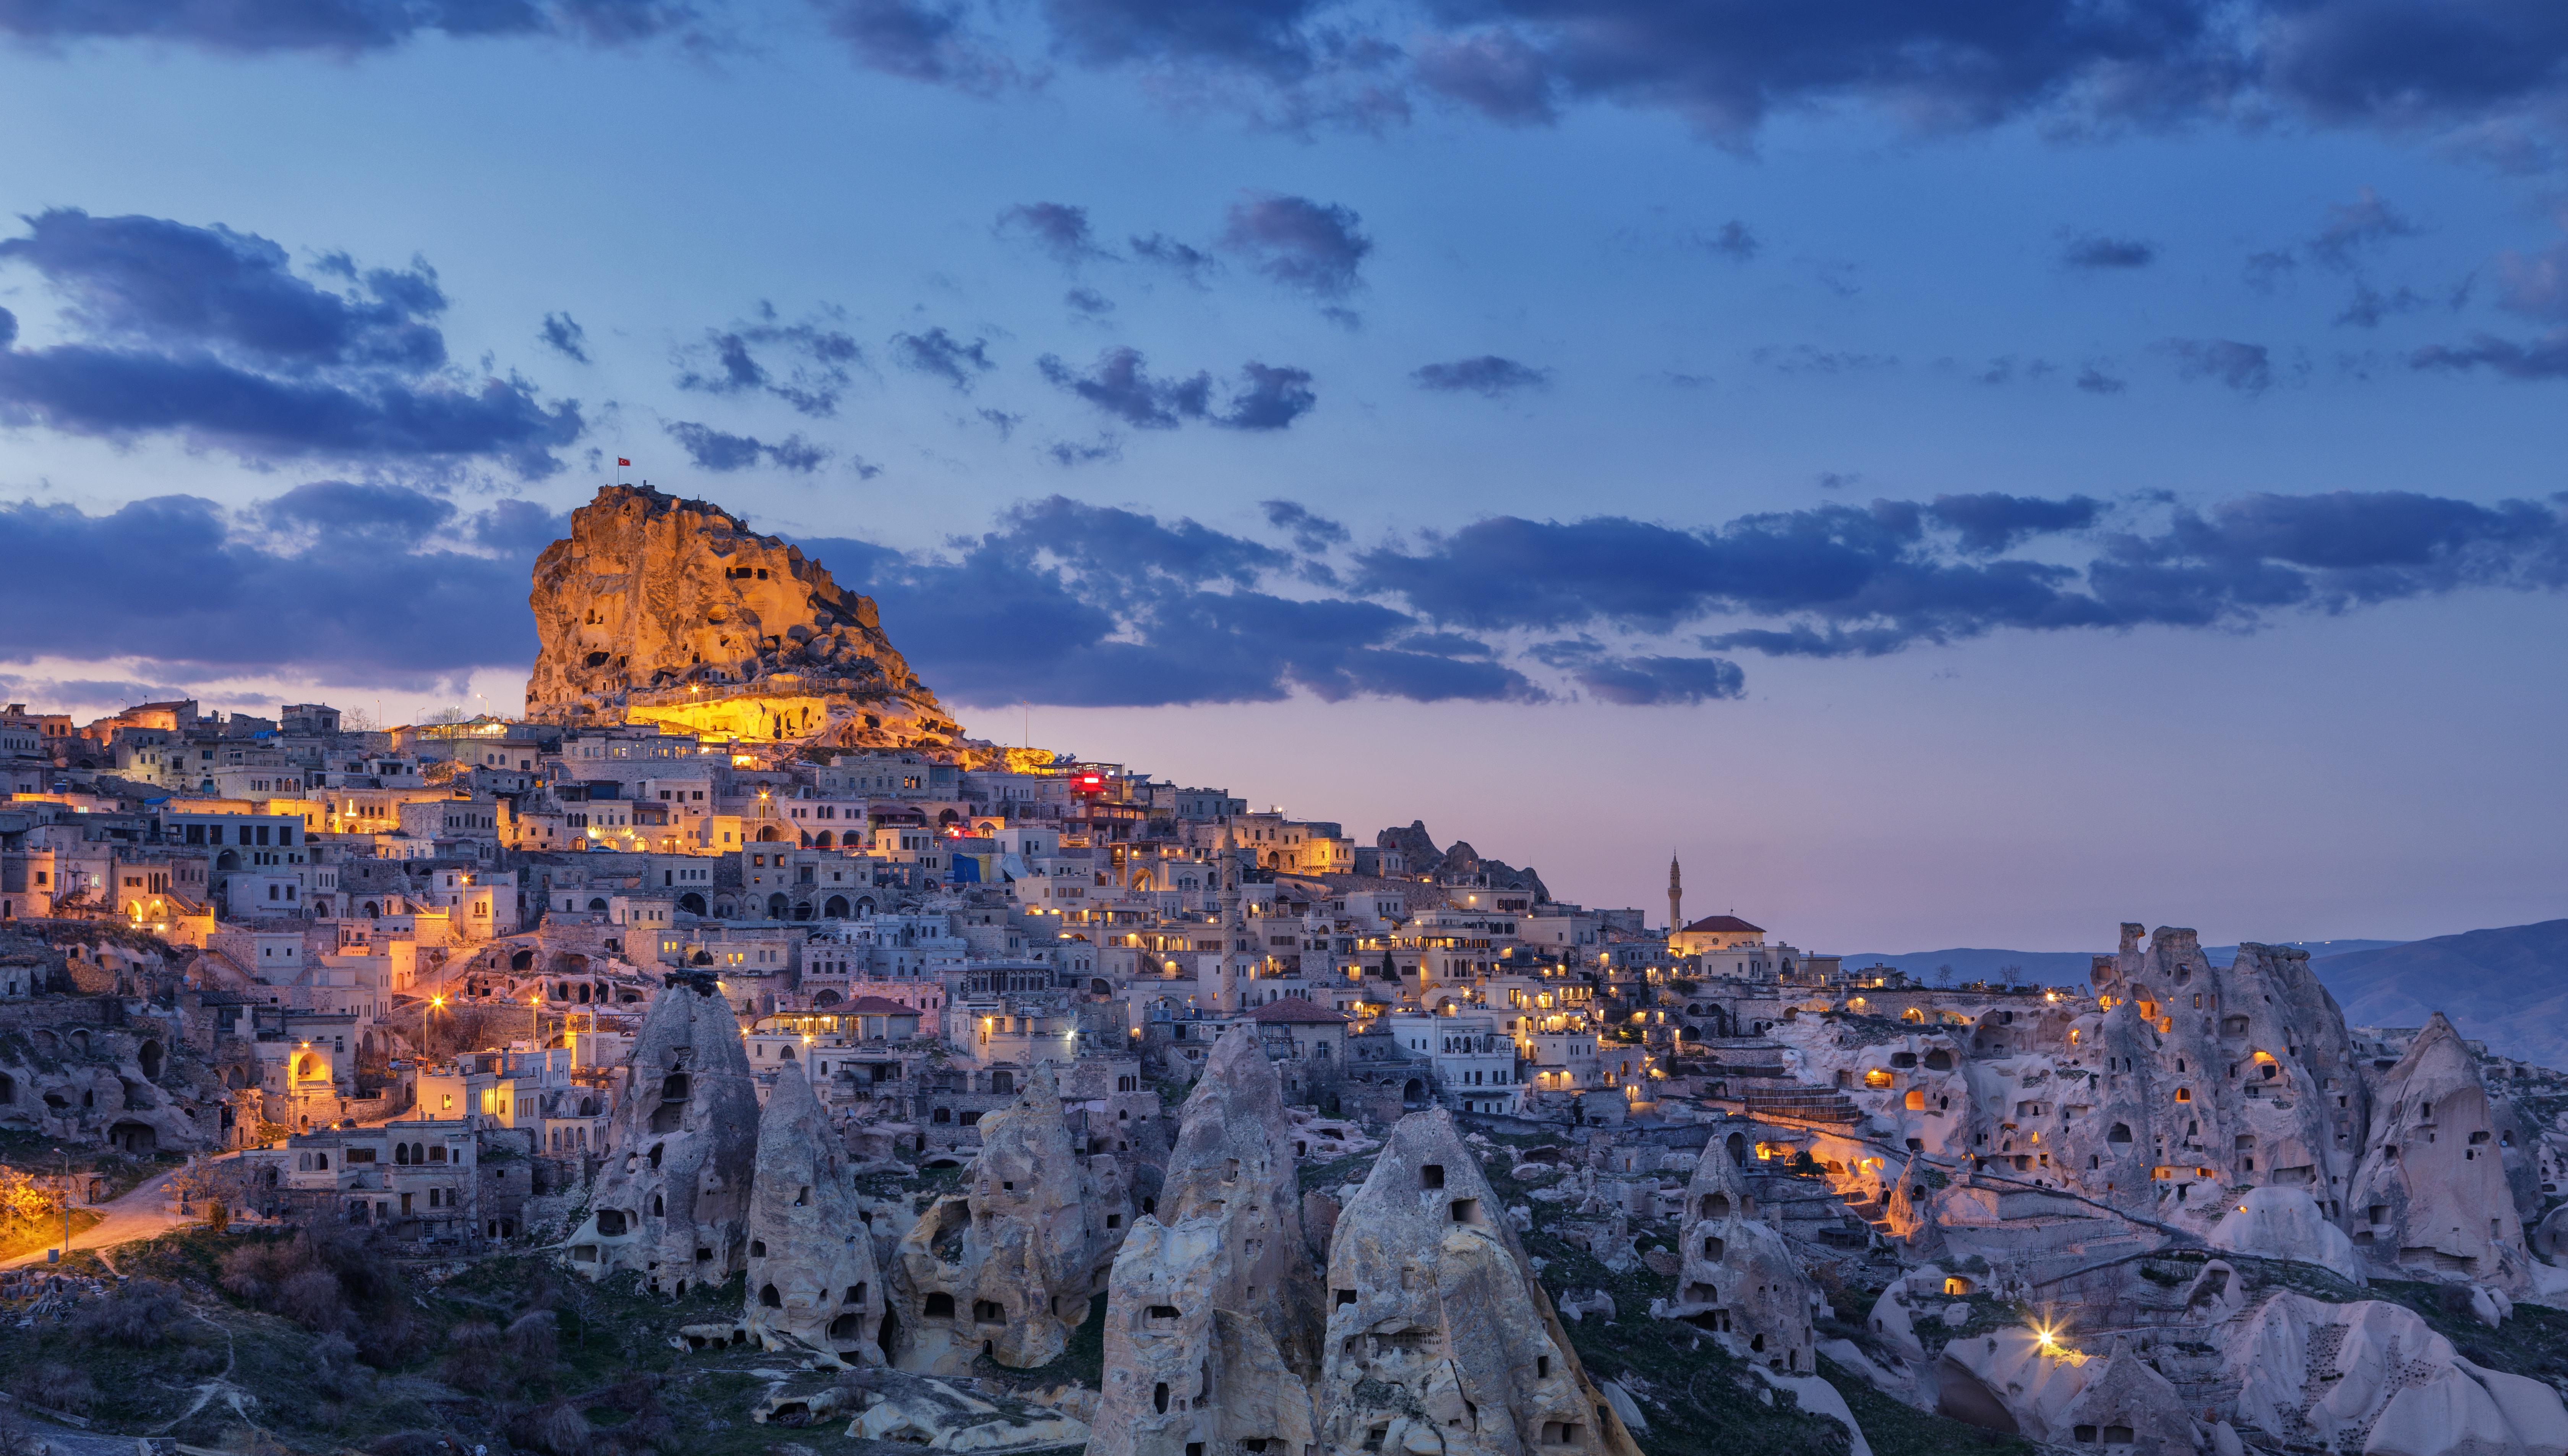 Vista da cidade de Uçhisar. Ao fundo, o Castelo de Uçhisar, Capadócia, Turquia